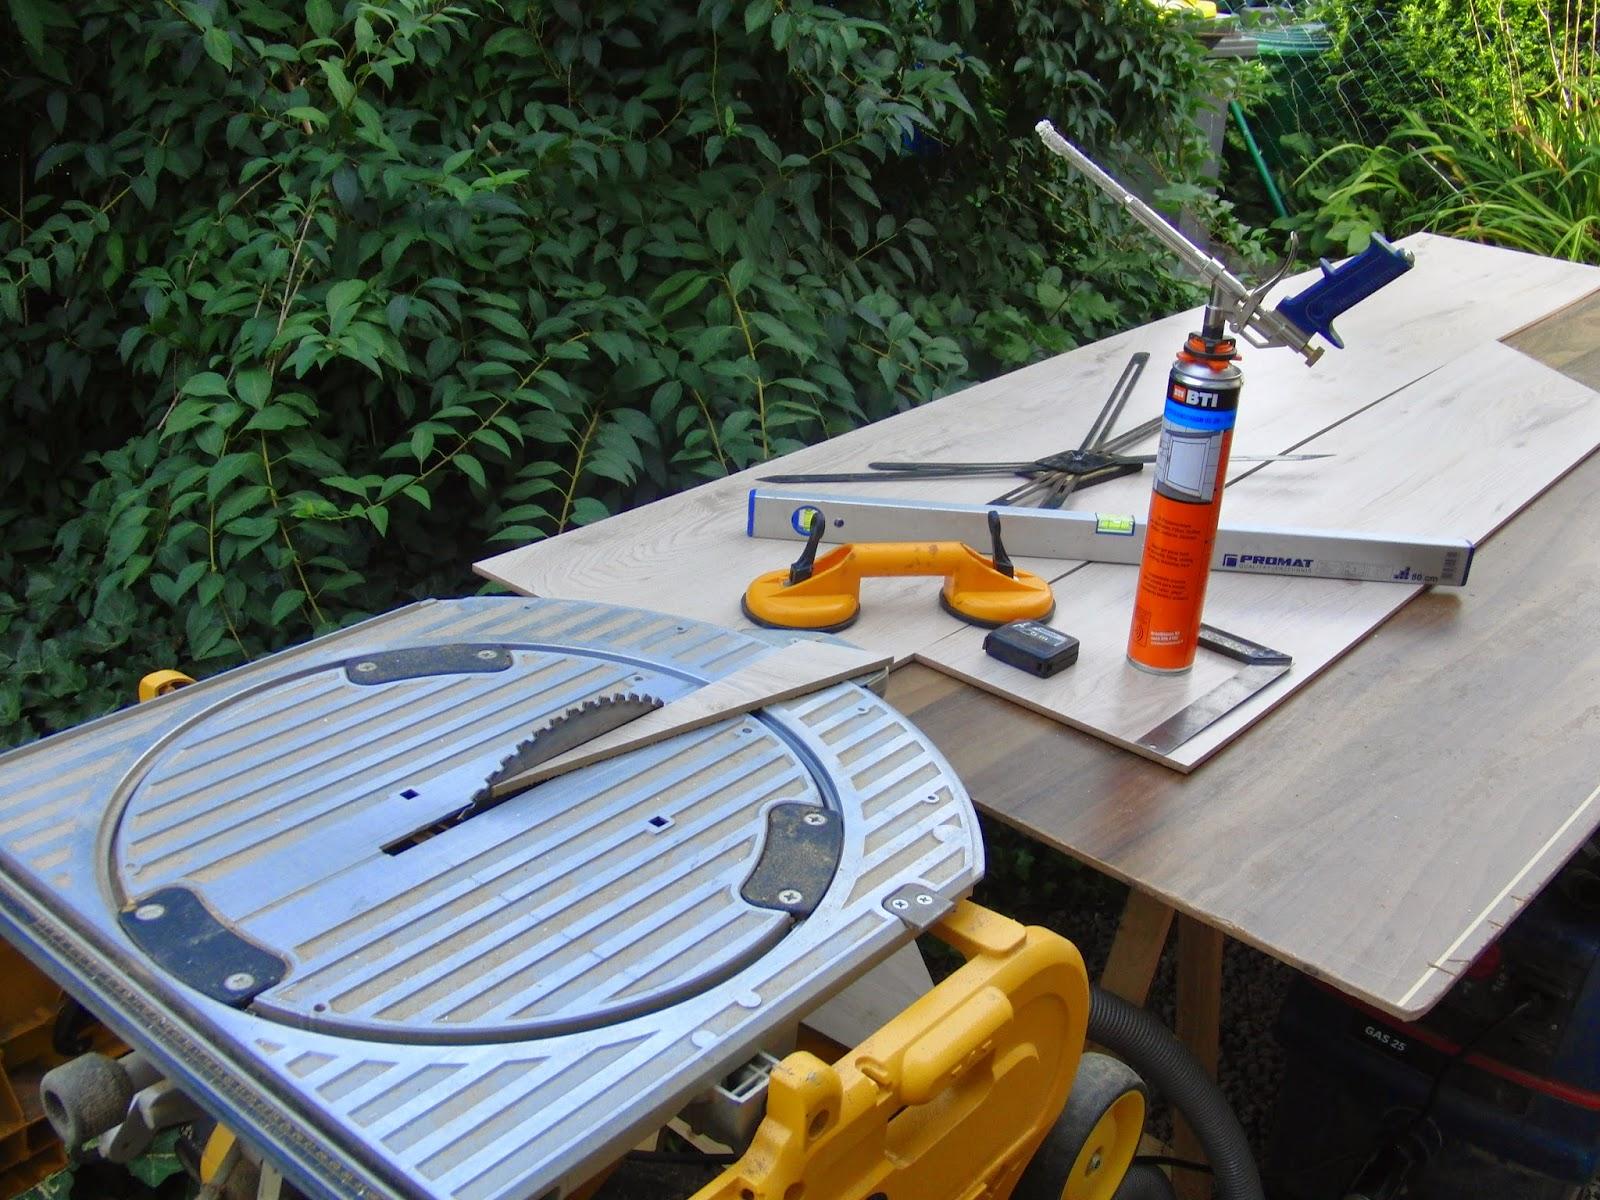 Treppe mit Laminat verkleiden - das passende Werkzeug